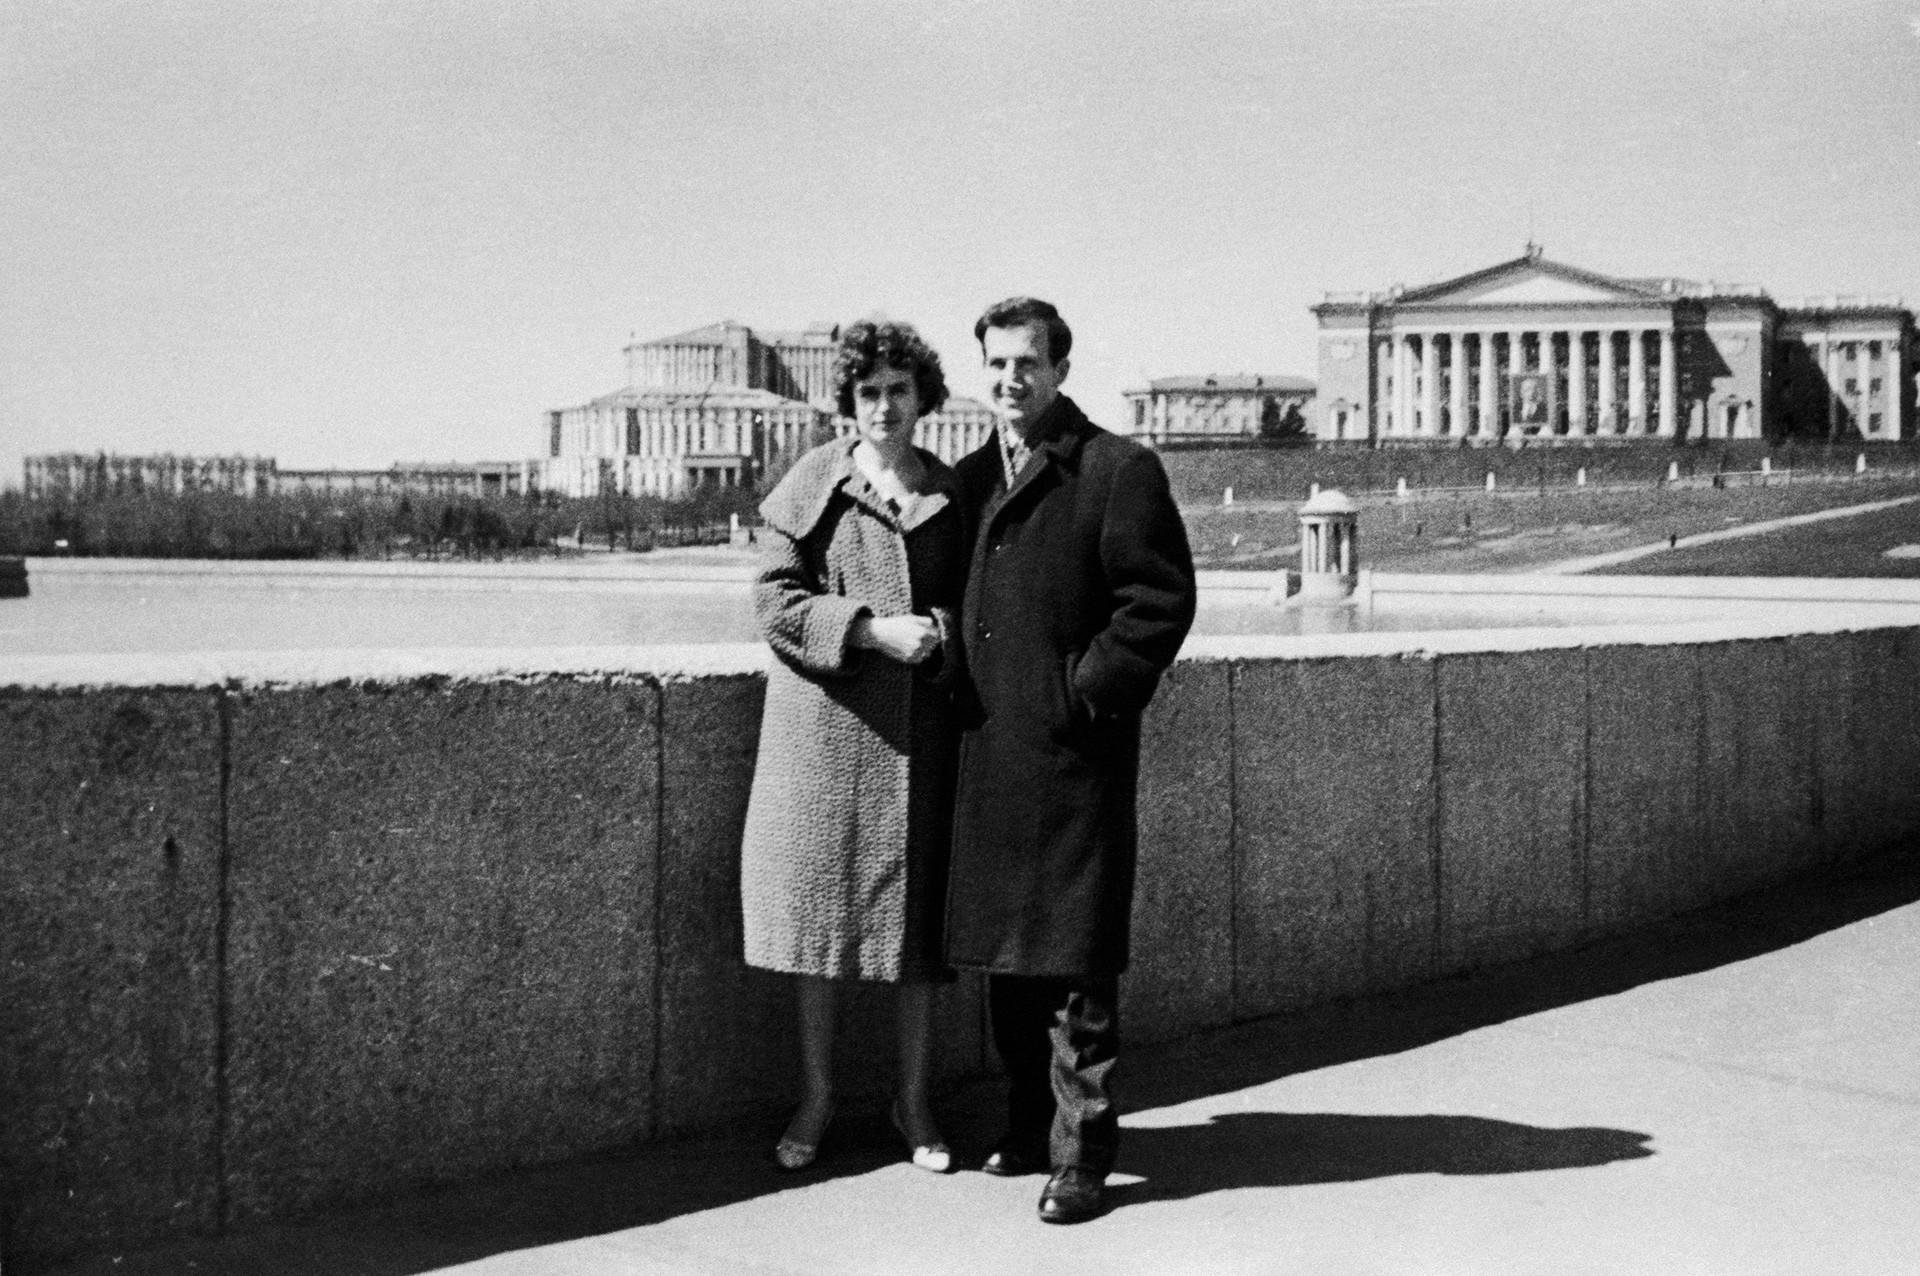 Осуалд и съпругата му Марина в Минск, СССР